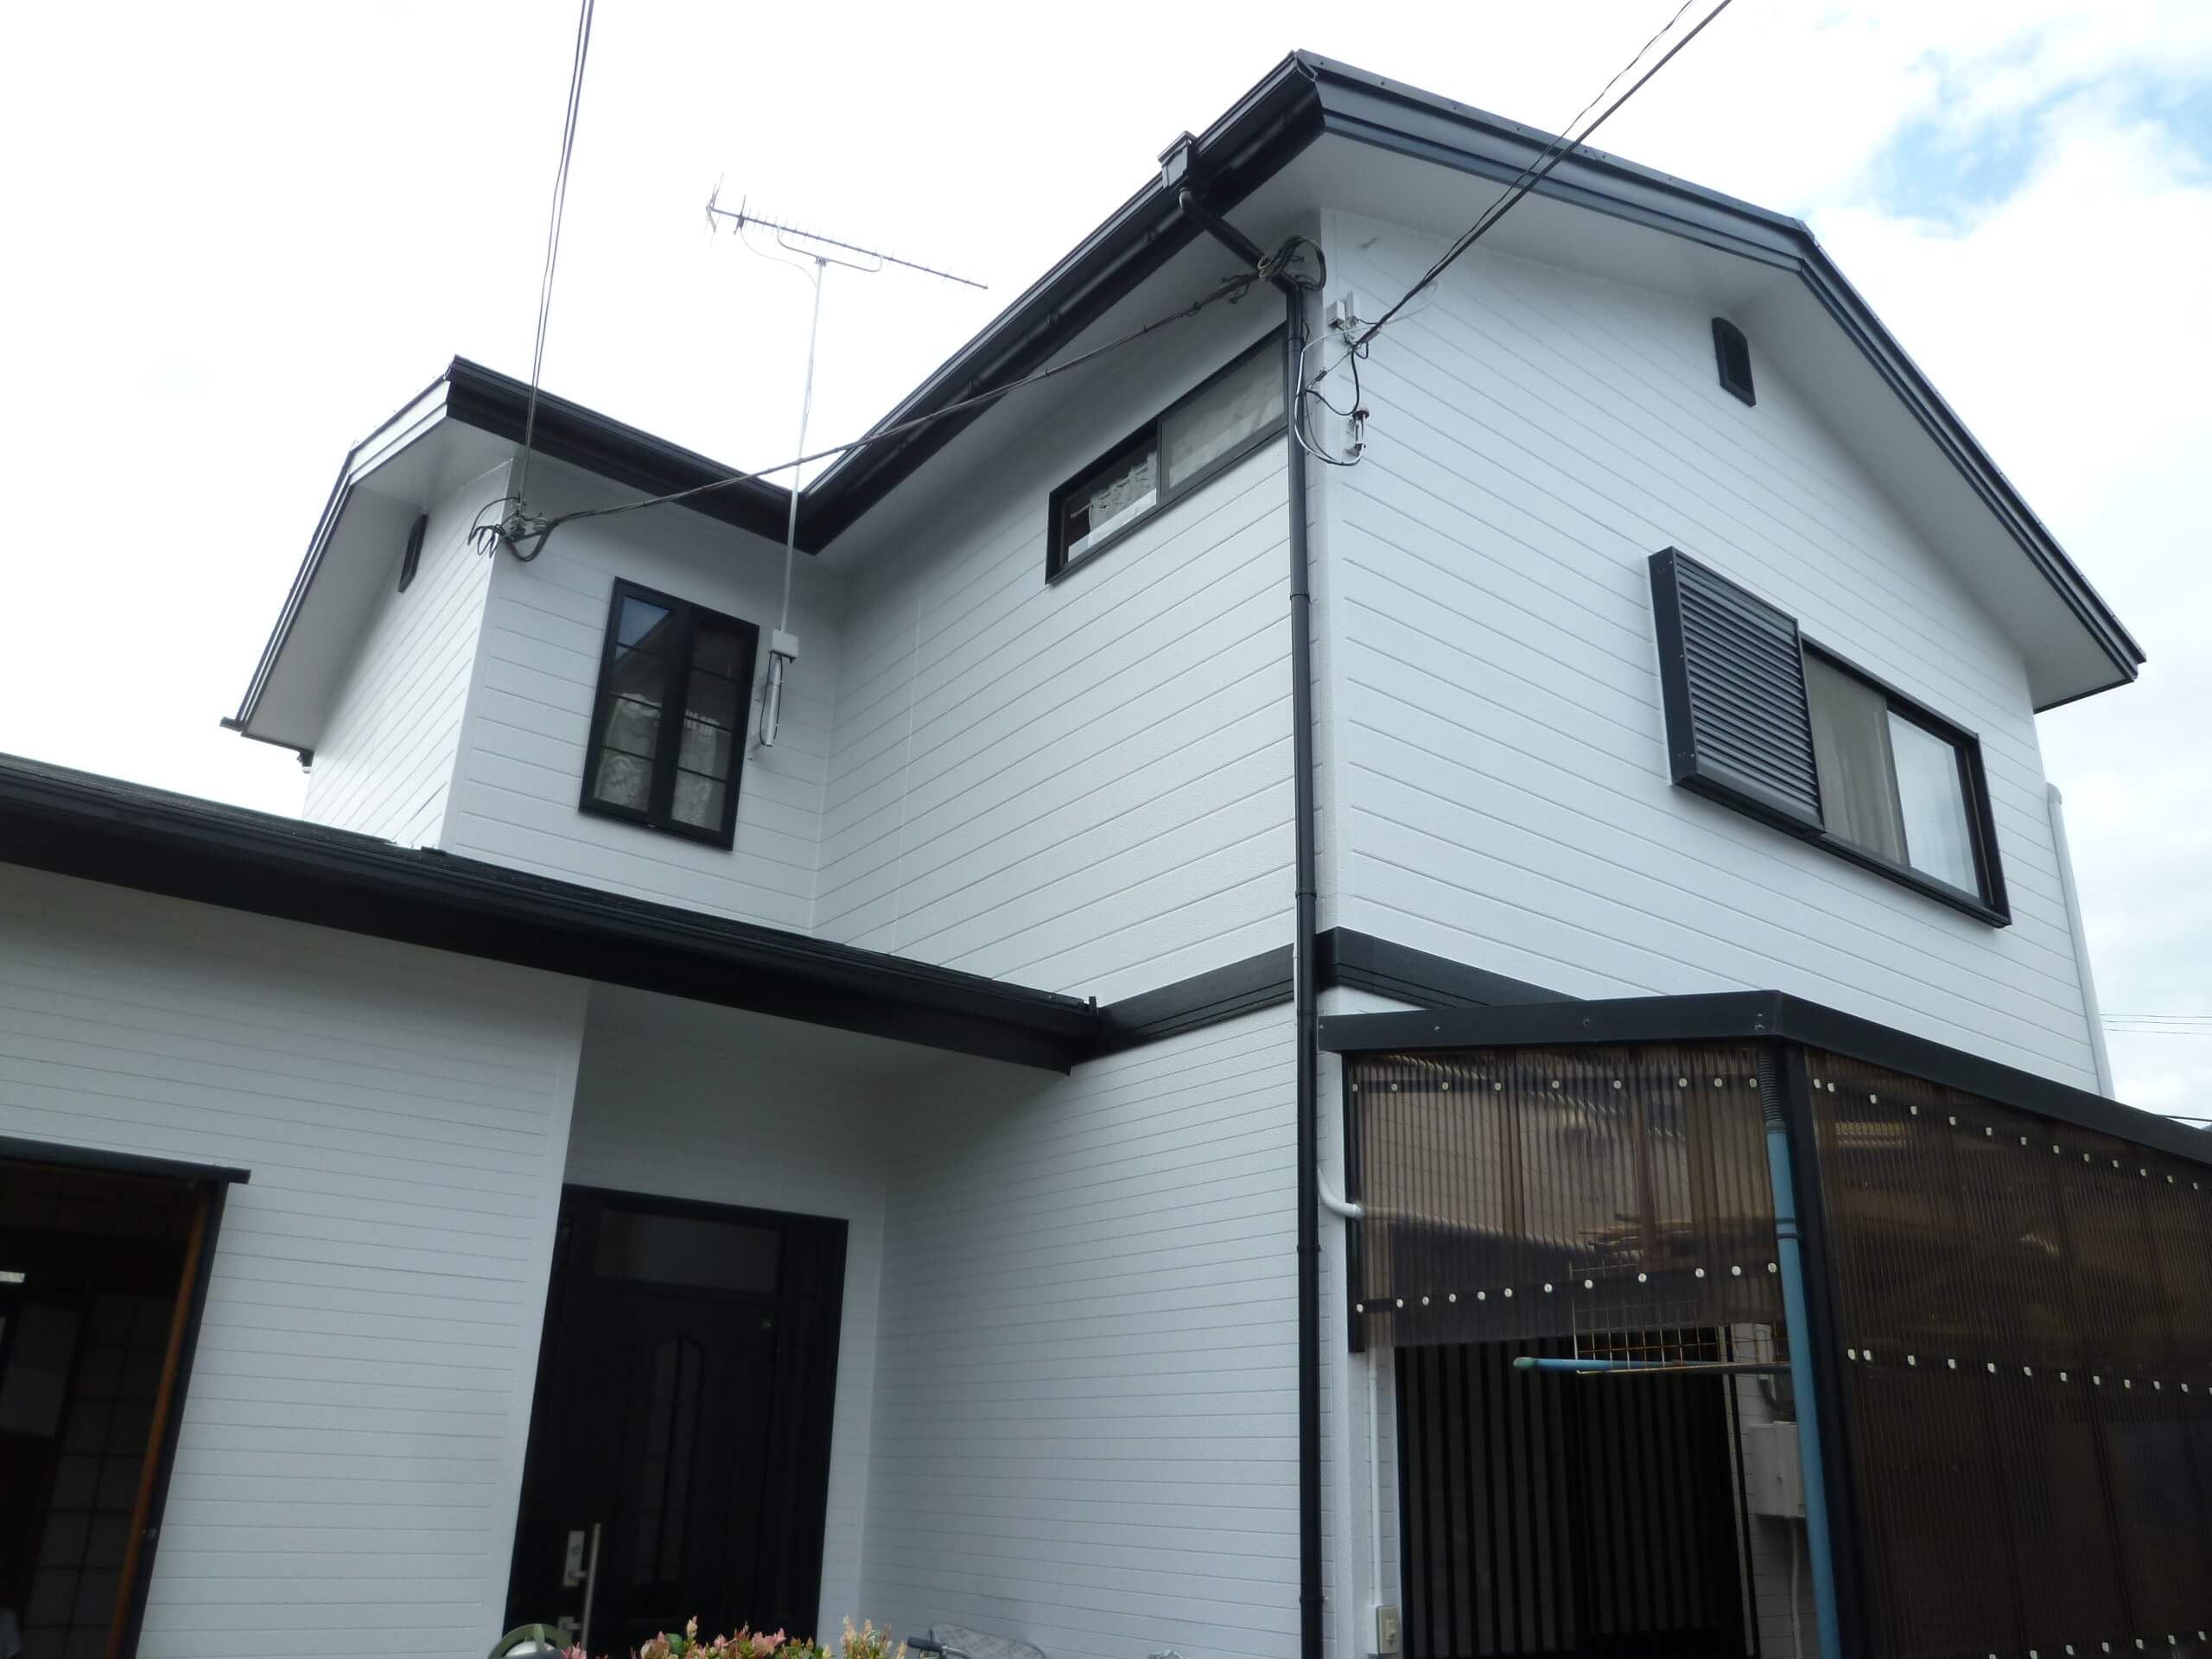 【和歌山市Y様邸】外壁・屋根塗装工事【オールシリコンプラン】after